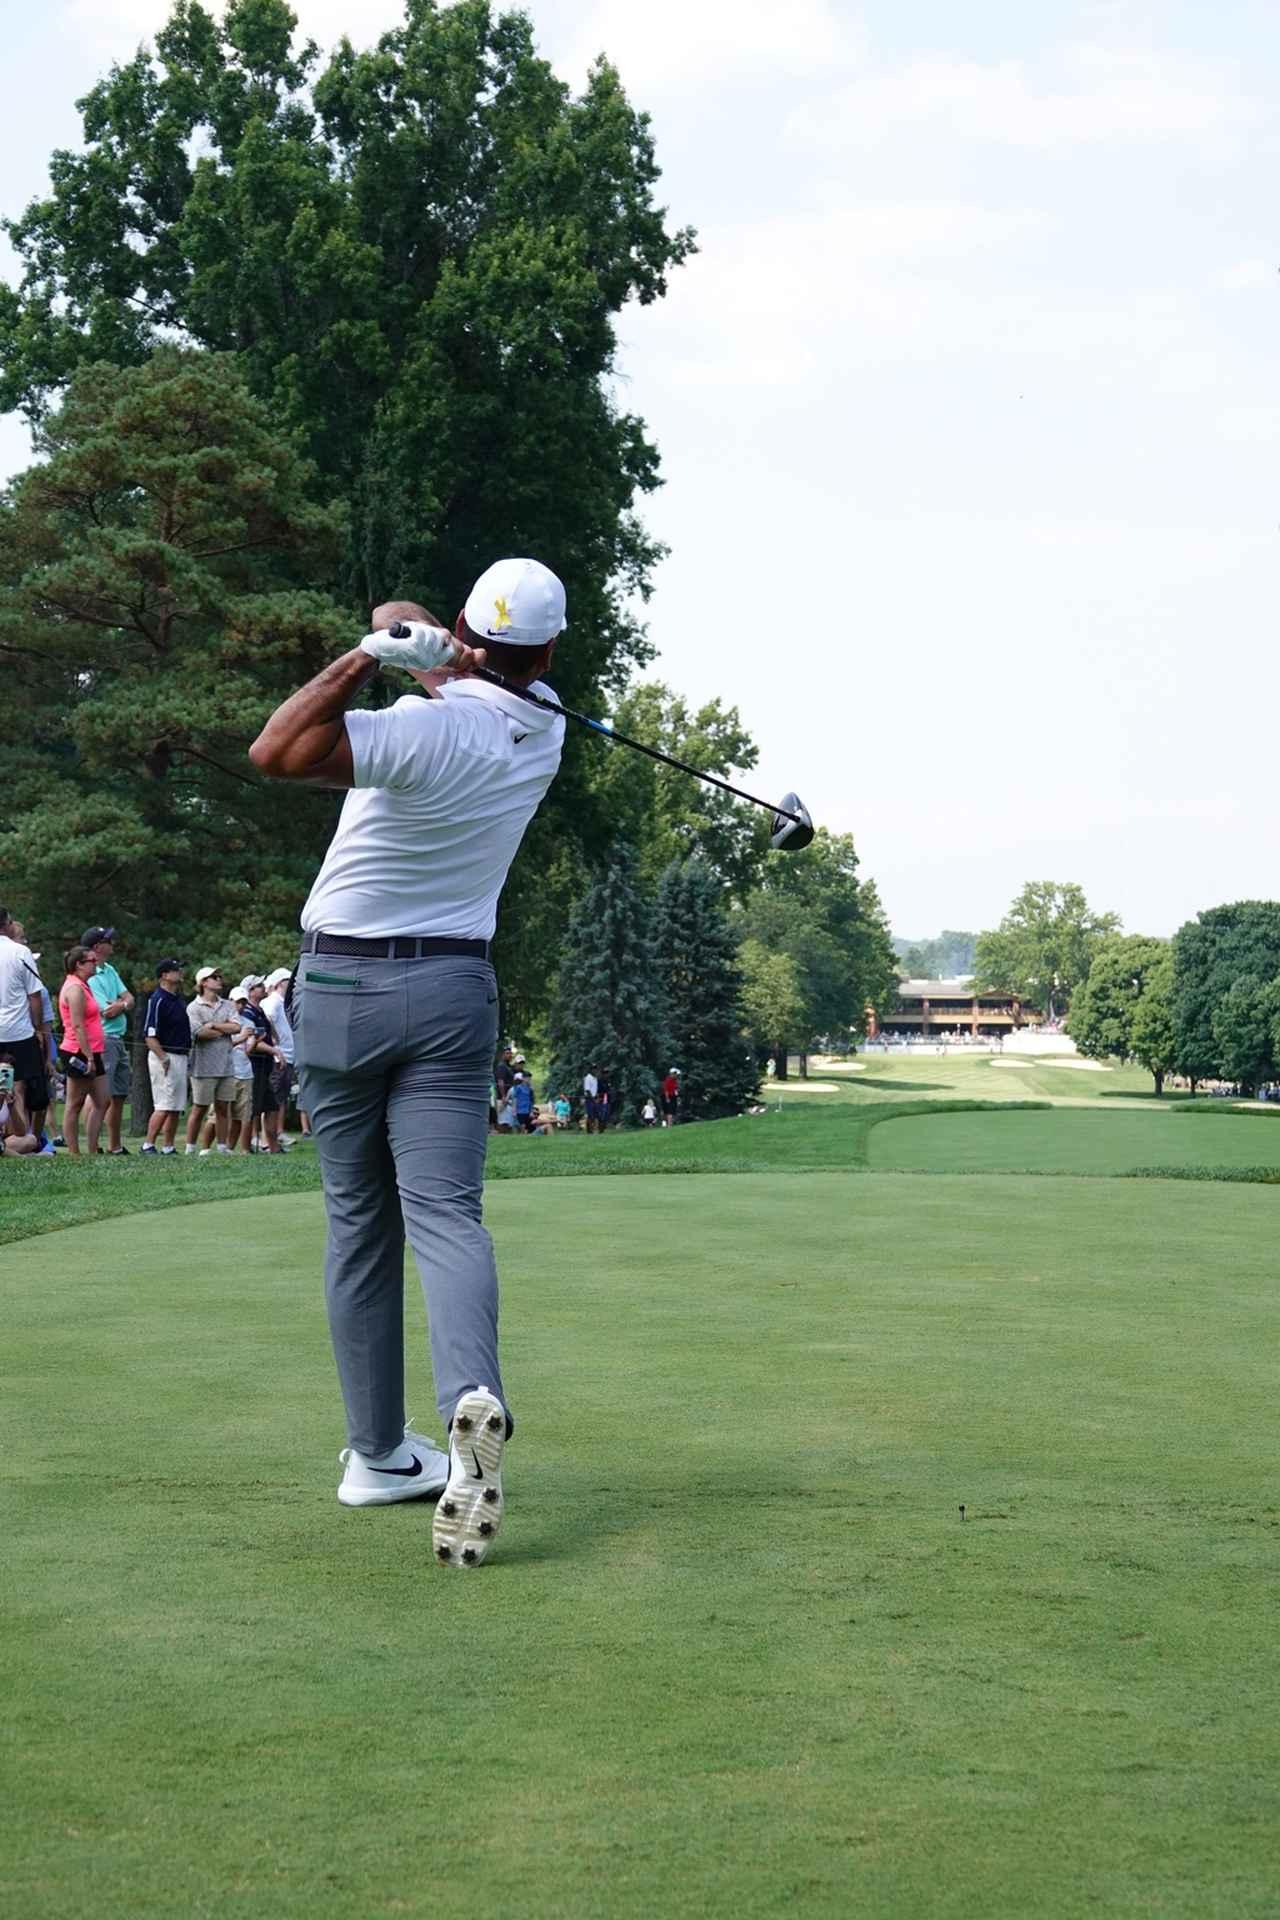 画像 : 15番目の画像 - スウィング改造でフェードヒッターに!? ジェイソン・デイのドライバー連続写真 - みんなのゴルフダイジェスト